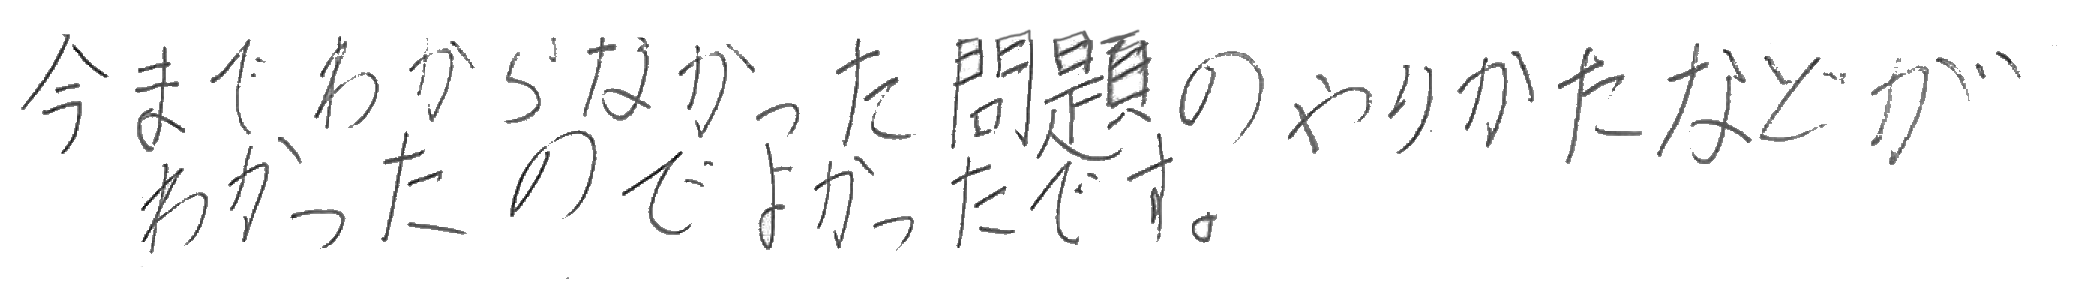 太郎(氷見市)からの口コミ